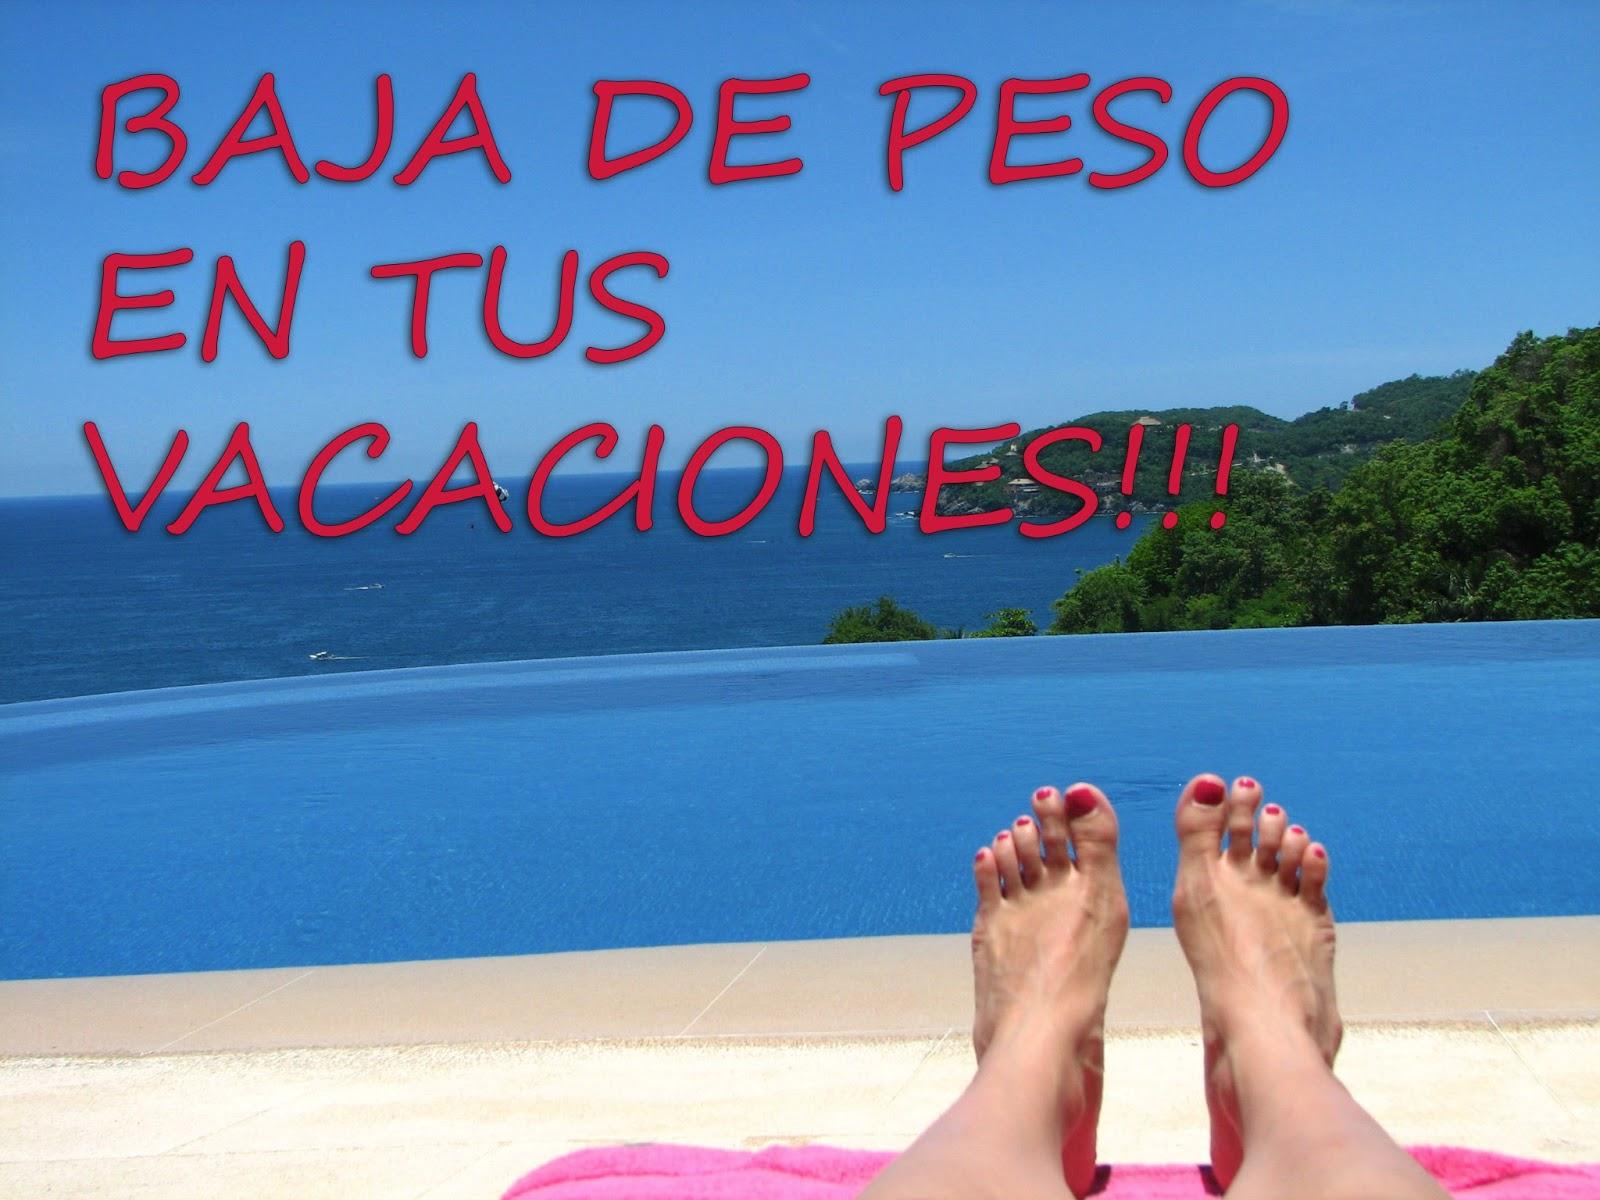 baja de peso en tus vacaciones!!!